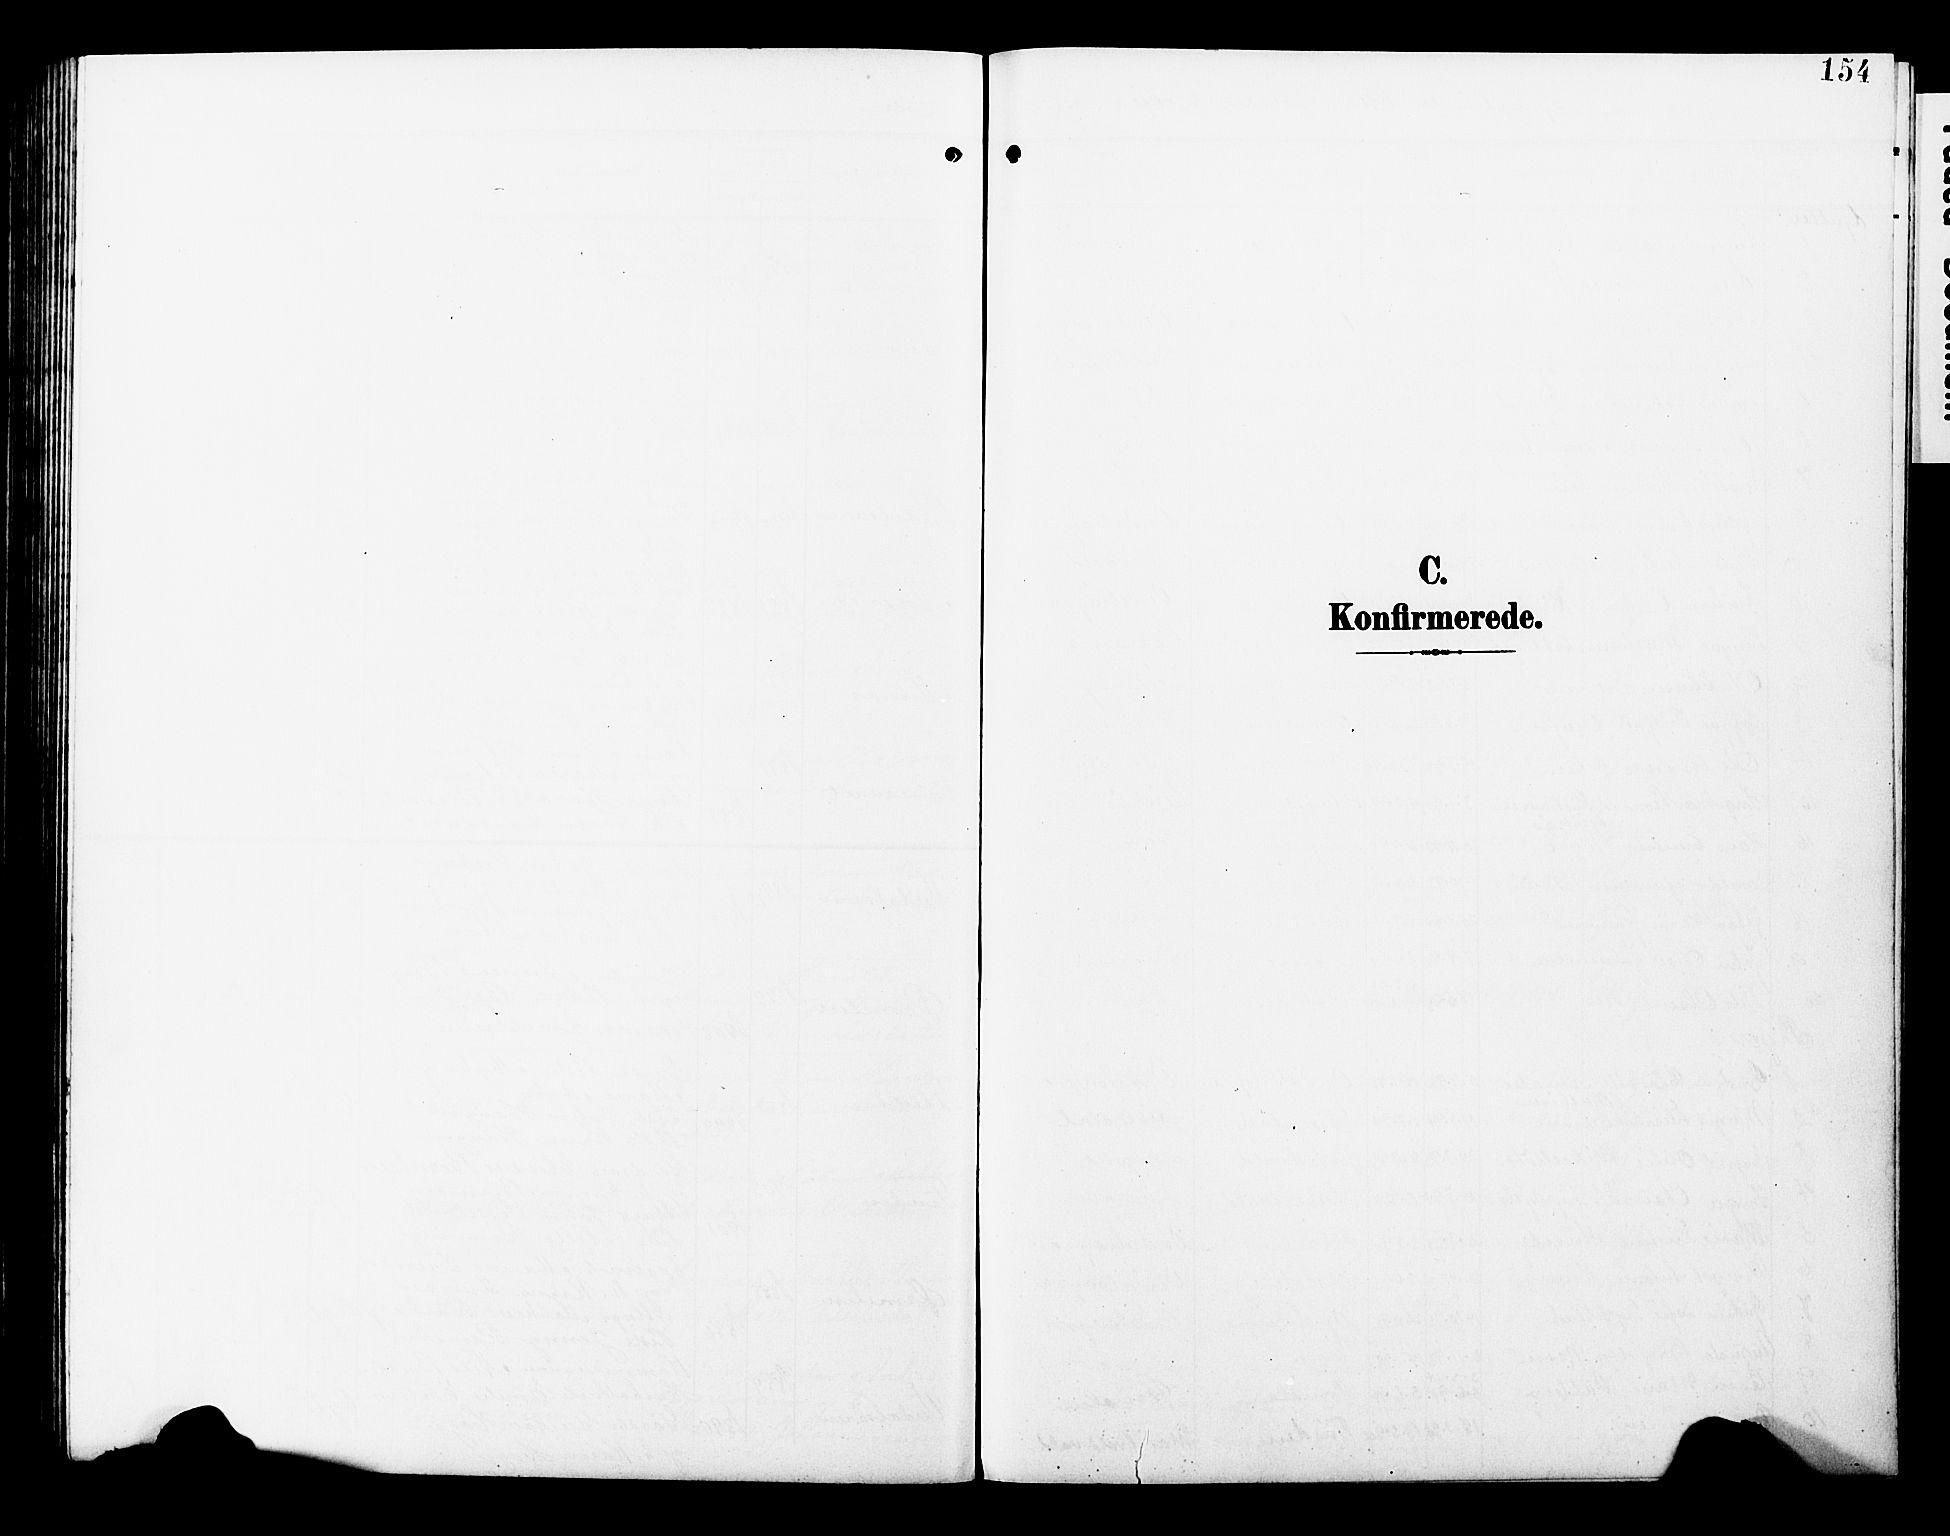 SAT, Ministerialprotokoller, klokkerbøker og fødselsregistre - Nord-Trøndelag, 723/L0258: Klokkerbok nr. 723C06, 1908-1927, s. 154